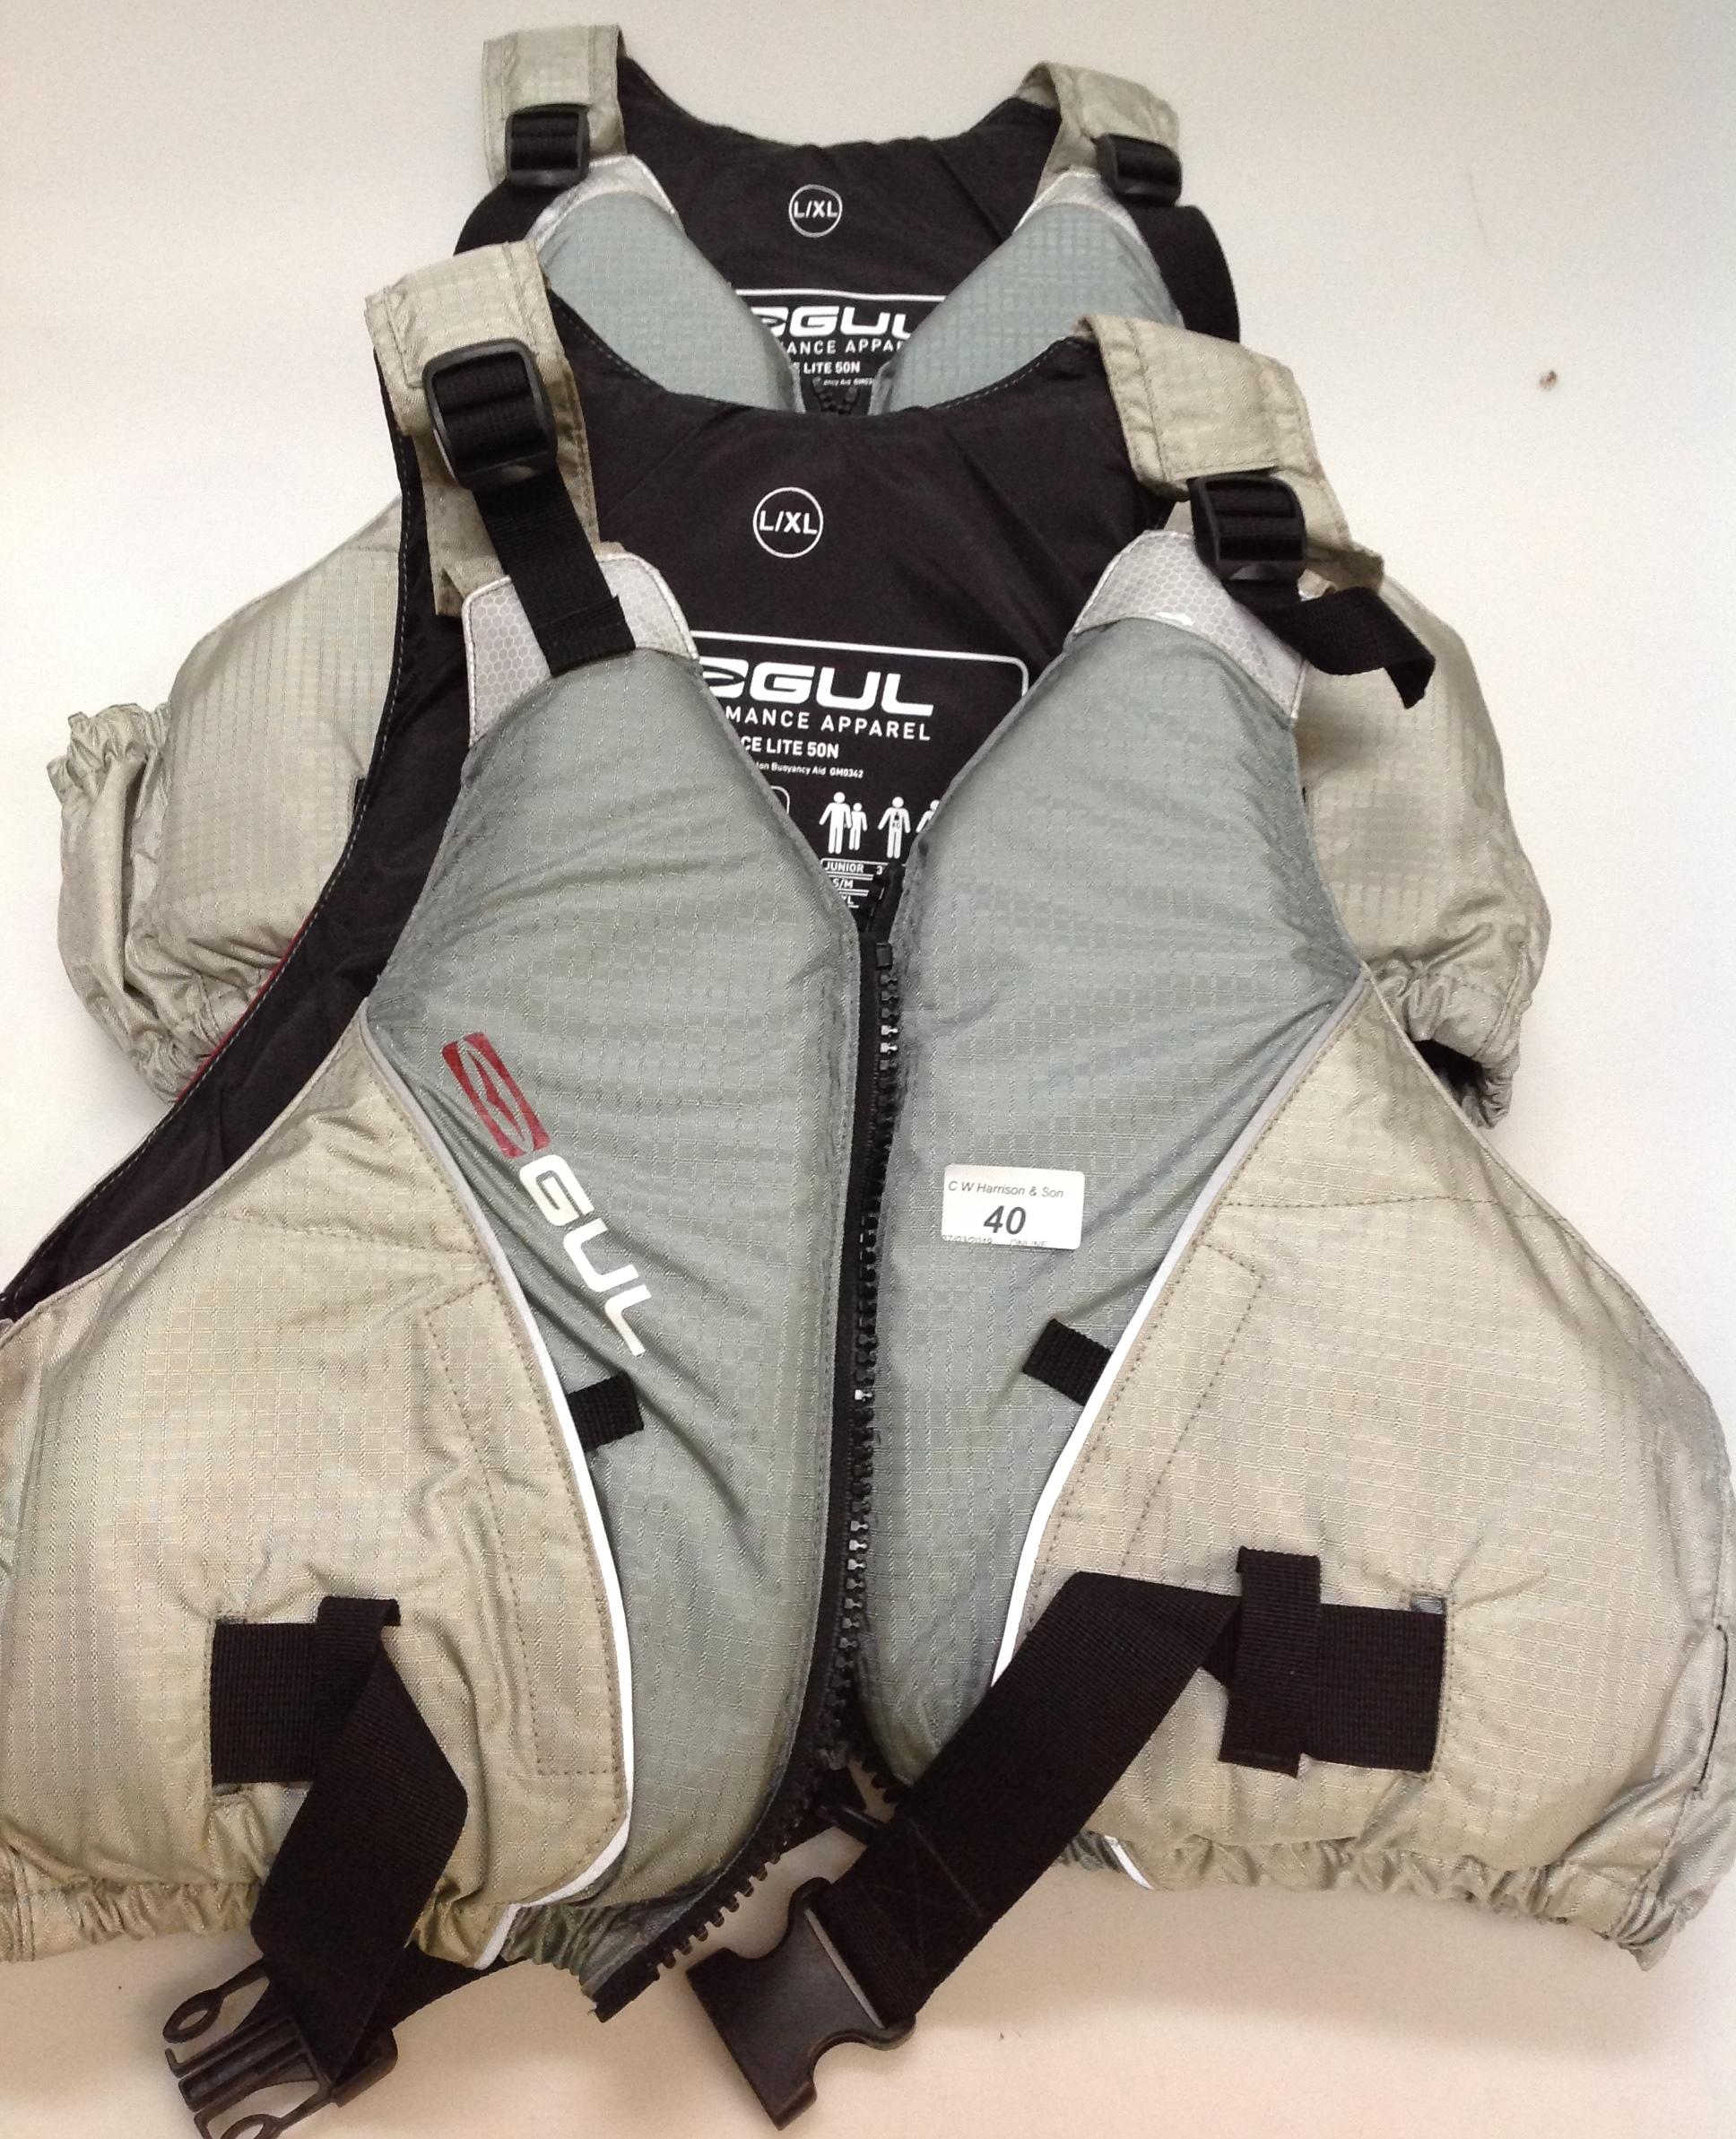 Lot 40 - 2 x Gul Race lite 5ON buoyancy aid - size L/XL (as seen)